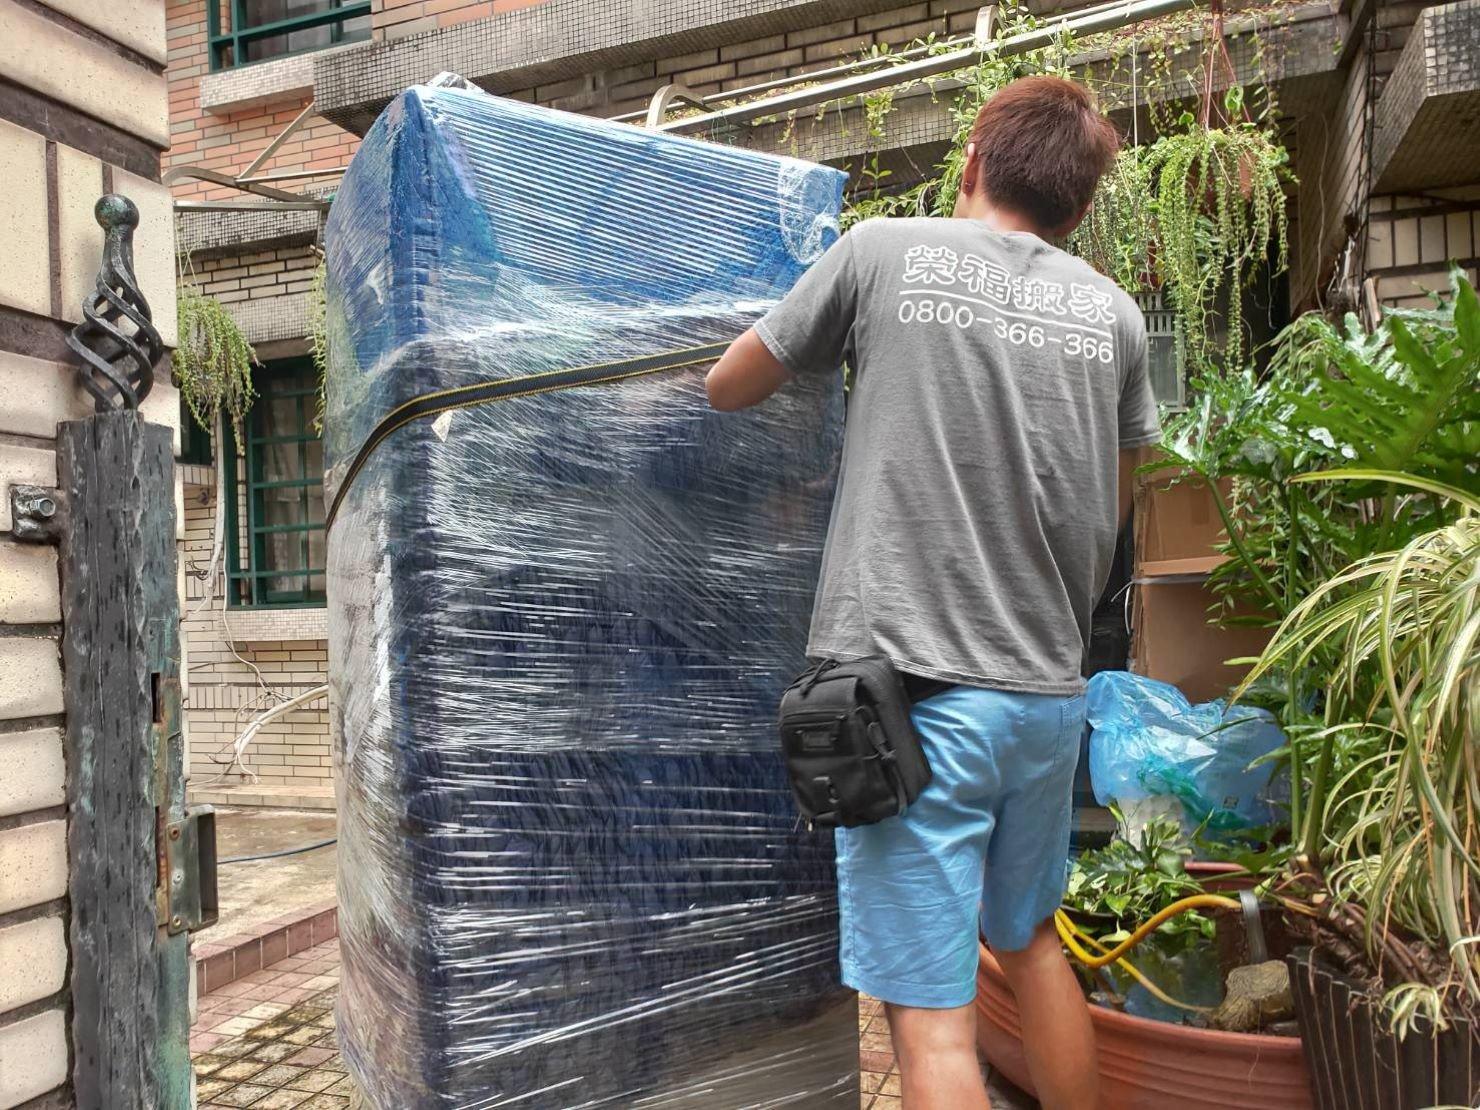 台北搬家公司推薦【榮福搬家】搬冰箱、優質搬家,包裝搬運「細膩包裝、專業搬運、用心服務、以客為尊」值得您來選擇。